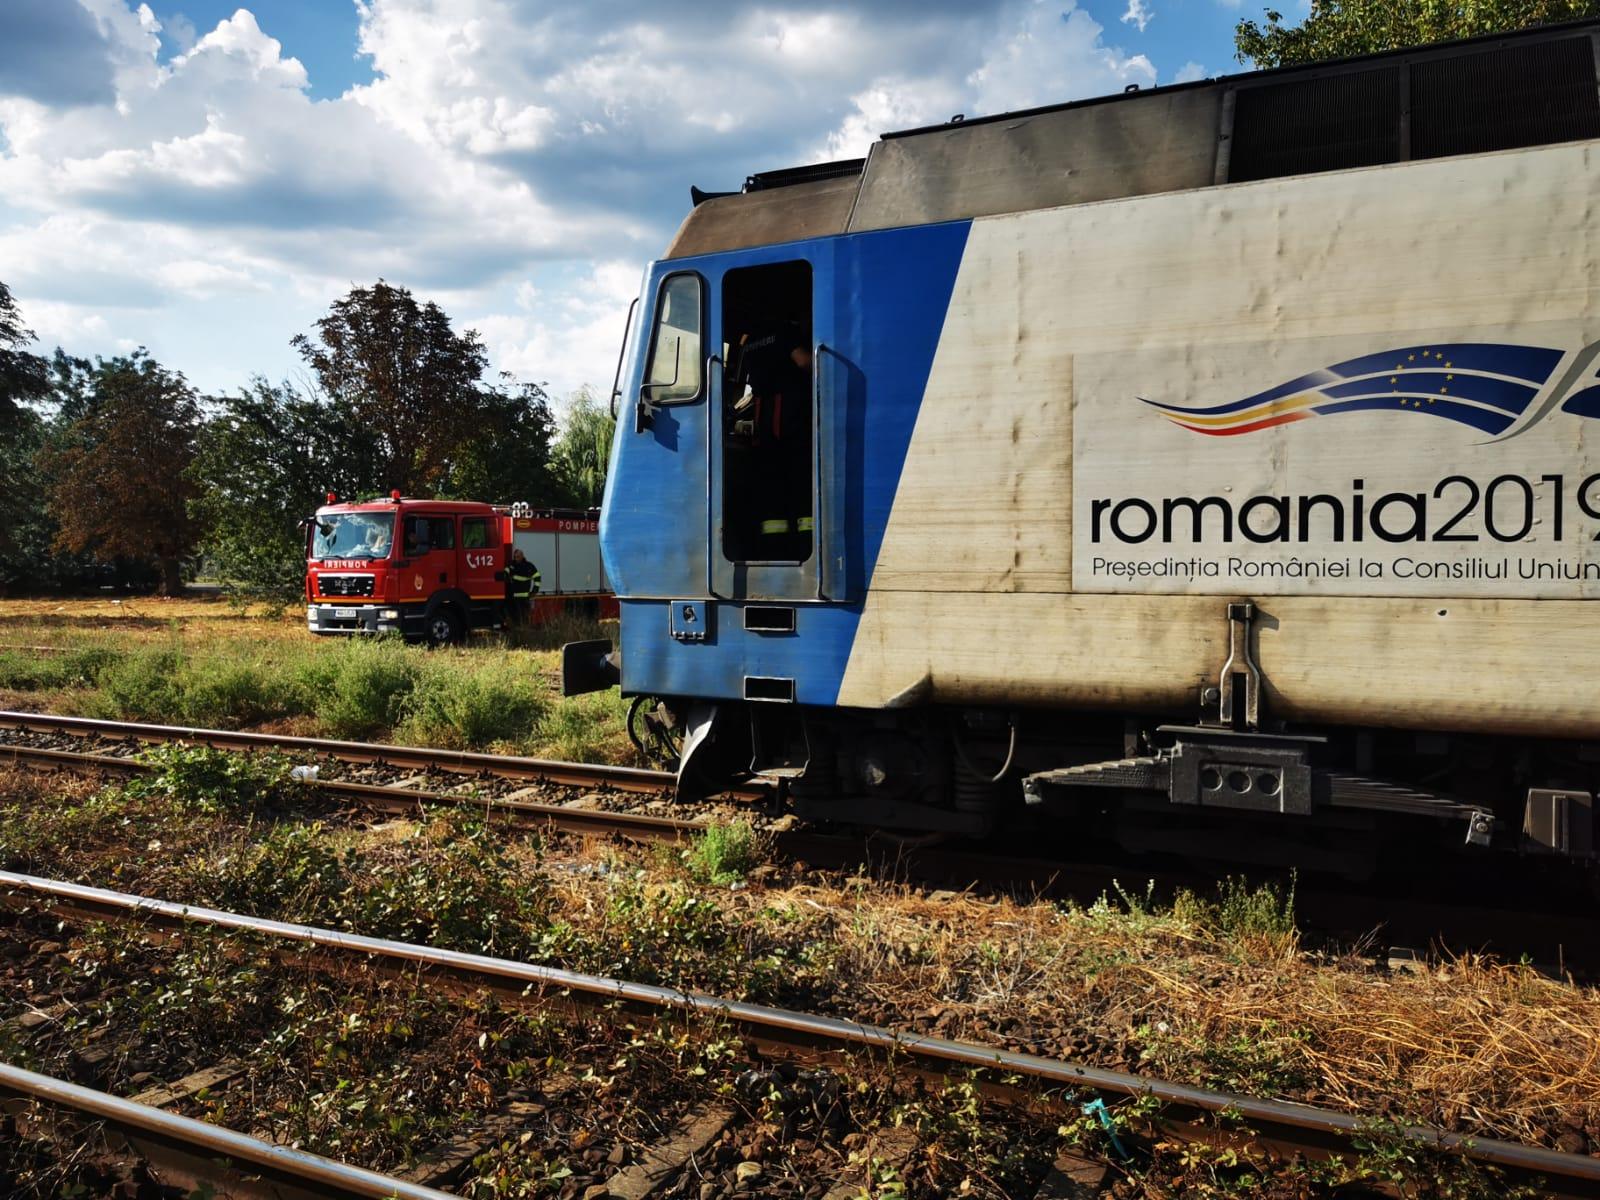 Incendiu la locomotiva unui tren în care se aflau 80 de pasageri, în Dâmbovița